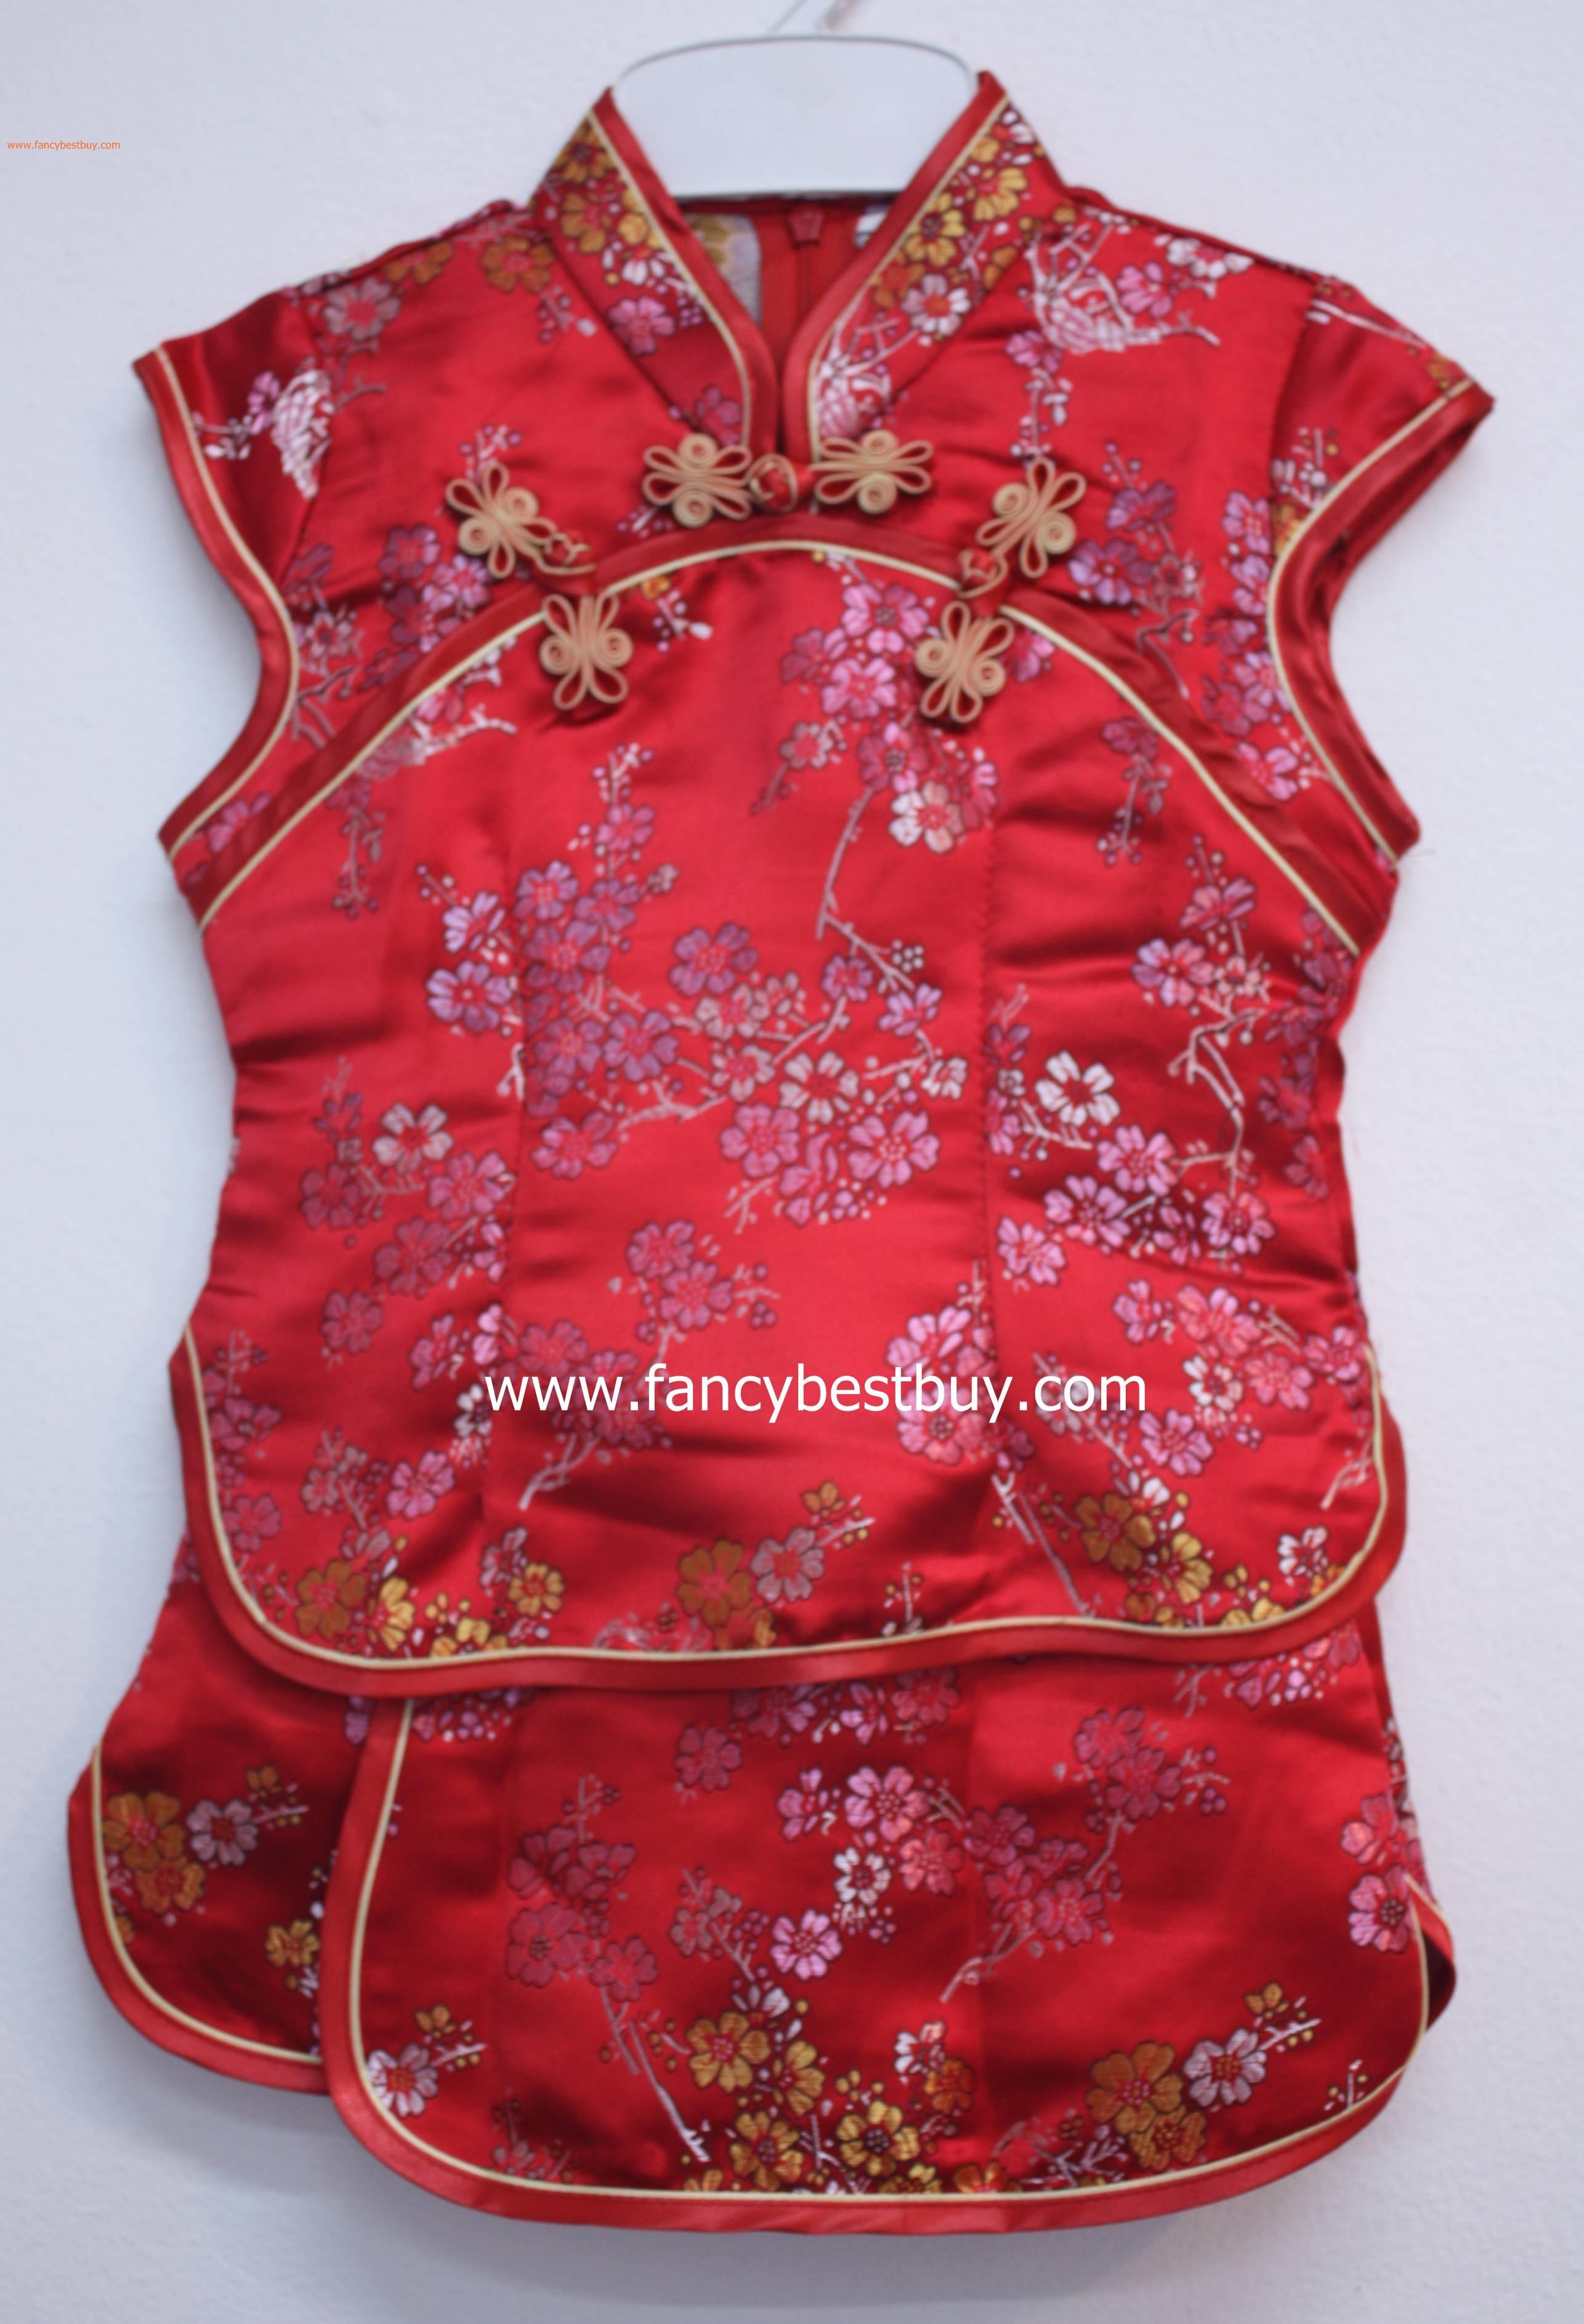 ชุดประจำชาติจีน สำหรับเด็กหญิง Chinese National Uniform ขนาด SS (เด็ก 1-2 ขวบ)